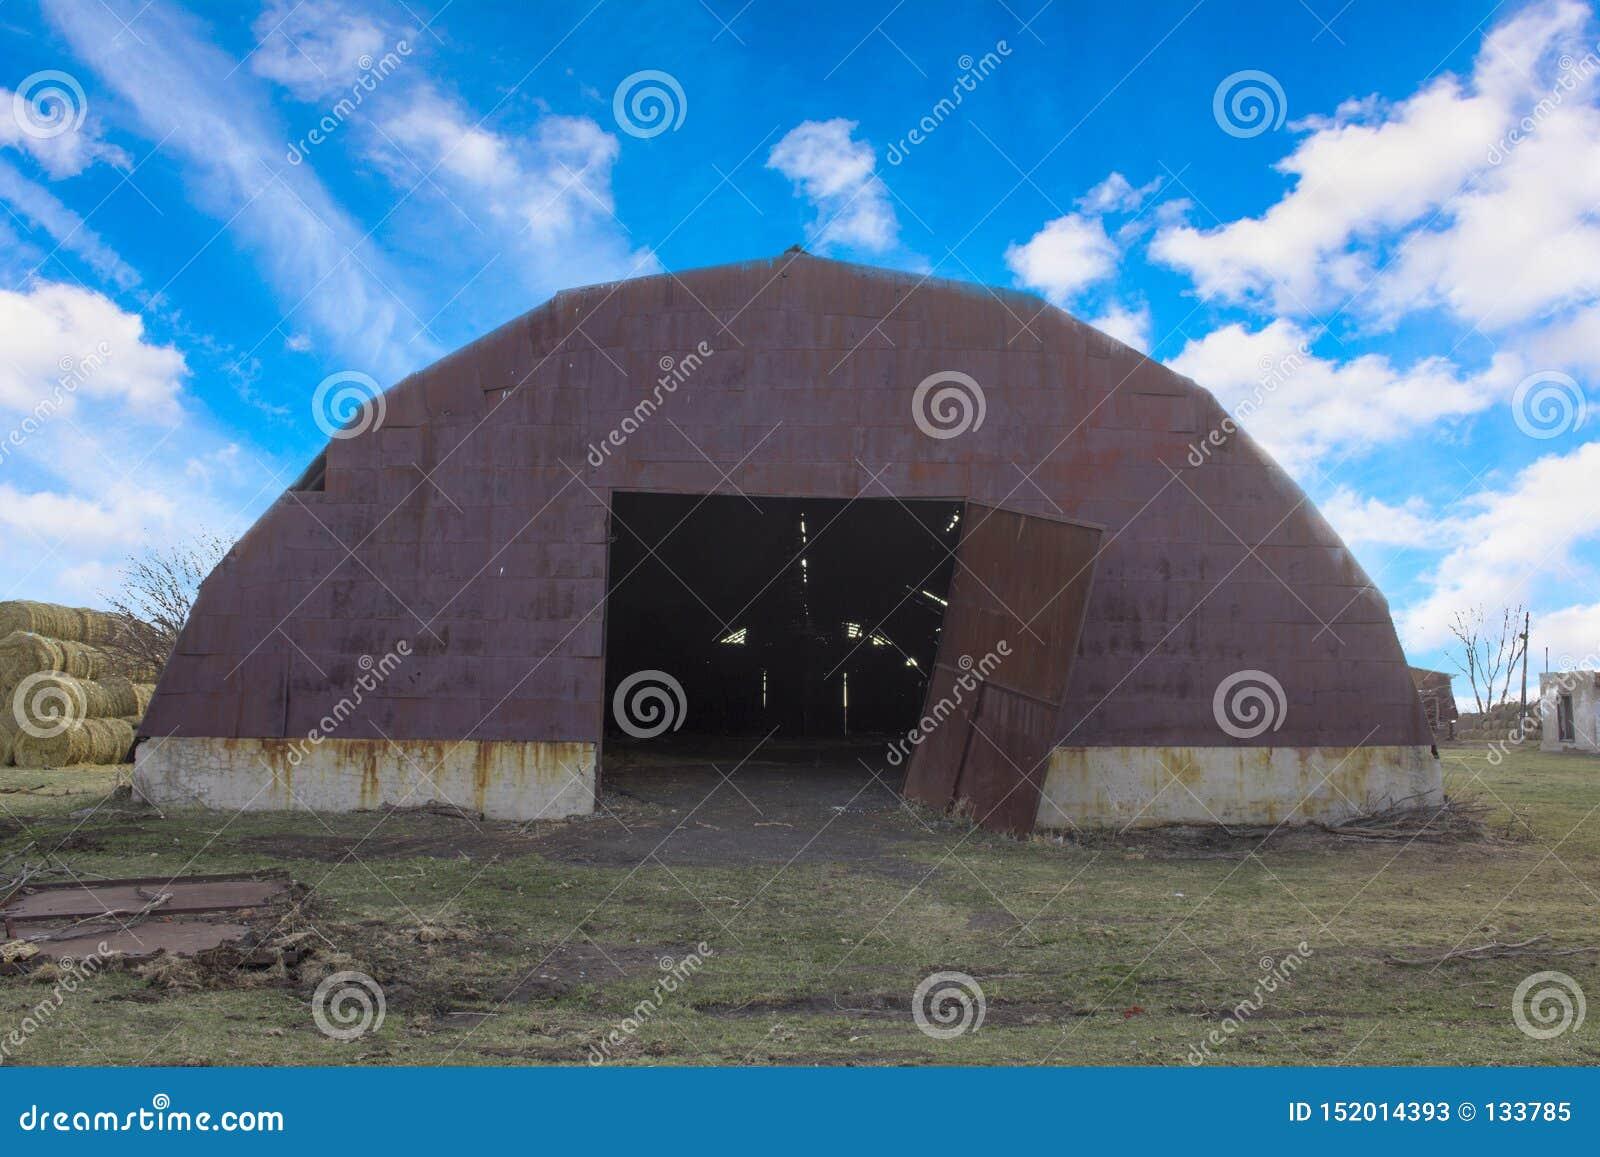 Παλαιό καφετί σκουριασμένο υπόστεγο μετάλλων με τις ανοικτές σπασμένες πύλες κάτω από έναν φωτεινό μπλε ουρανό με τα άσπρα σύννεφ